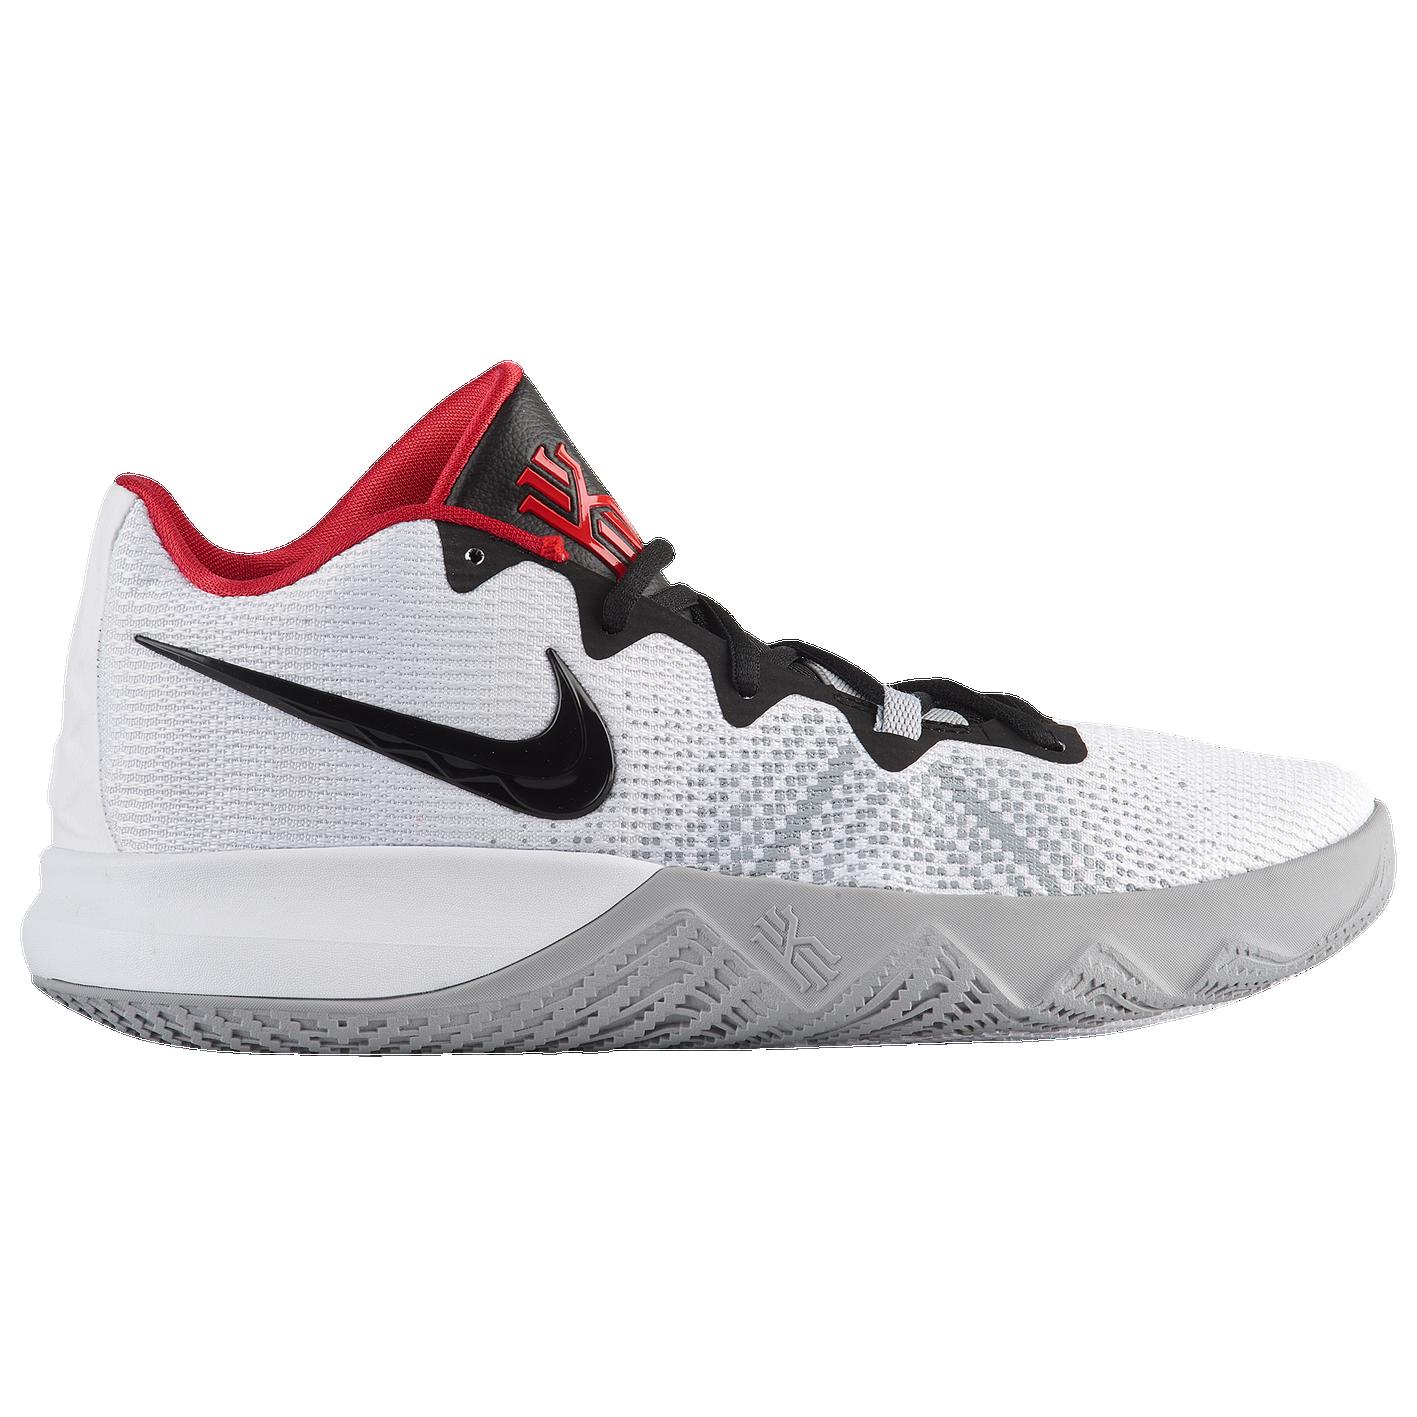 brand new 5f4a2 4fa87 Nike Kyrie Flytrap - Mens